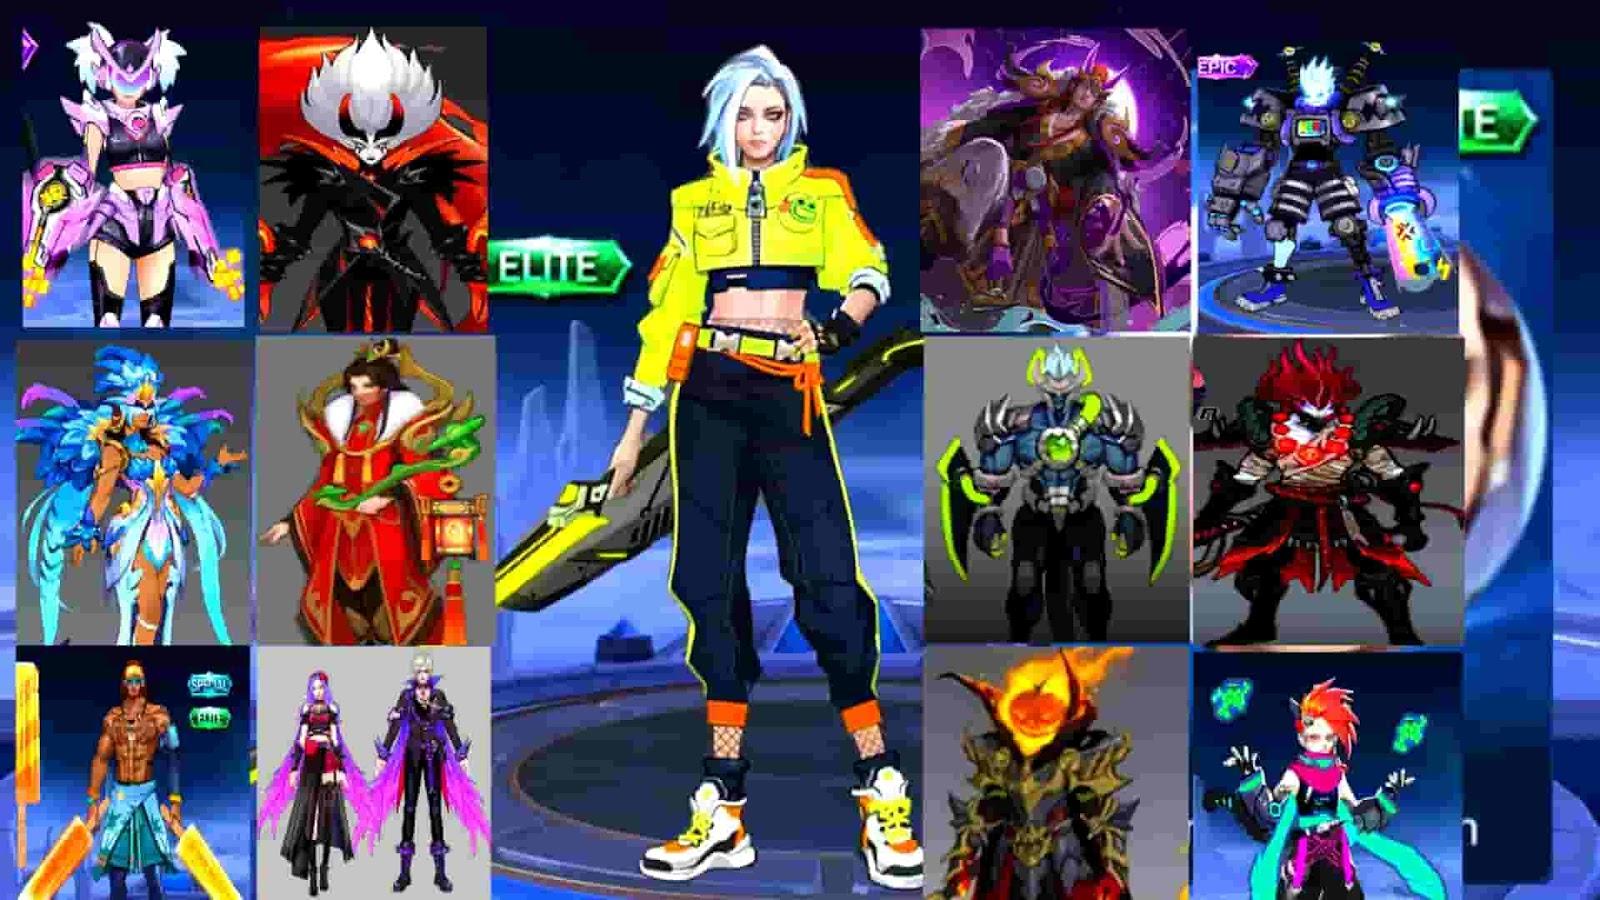 mobile legends upcoming skins,mobile legends advance server updates,mlbb new skins,mobile legends new skin,ml new skins,upcoming skins ml